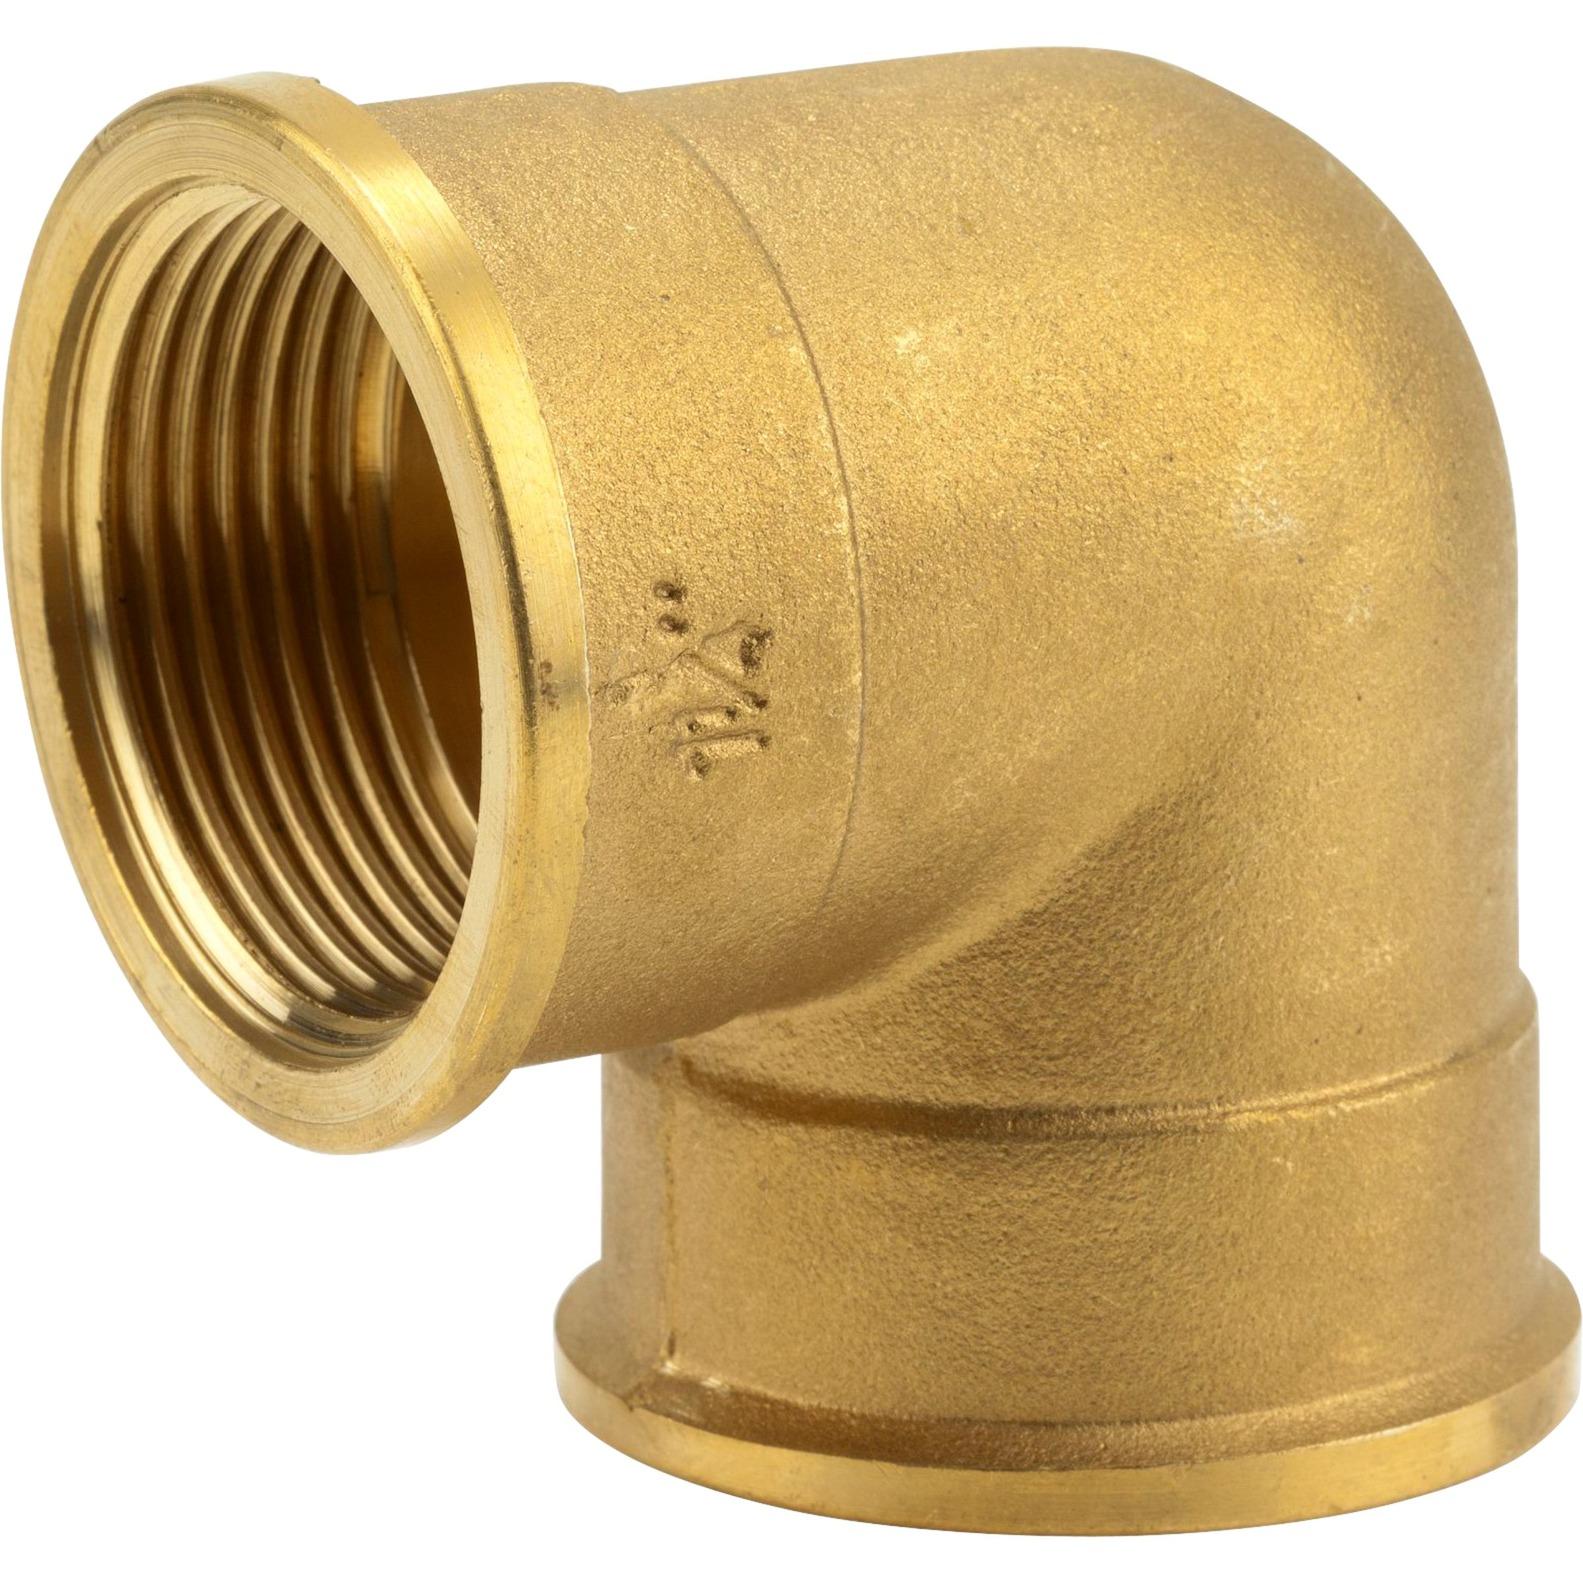 messing-winkel-ig-54-tekniske-ventiler